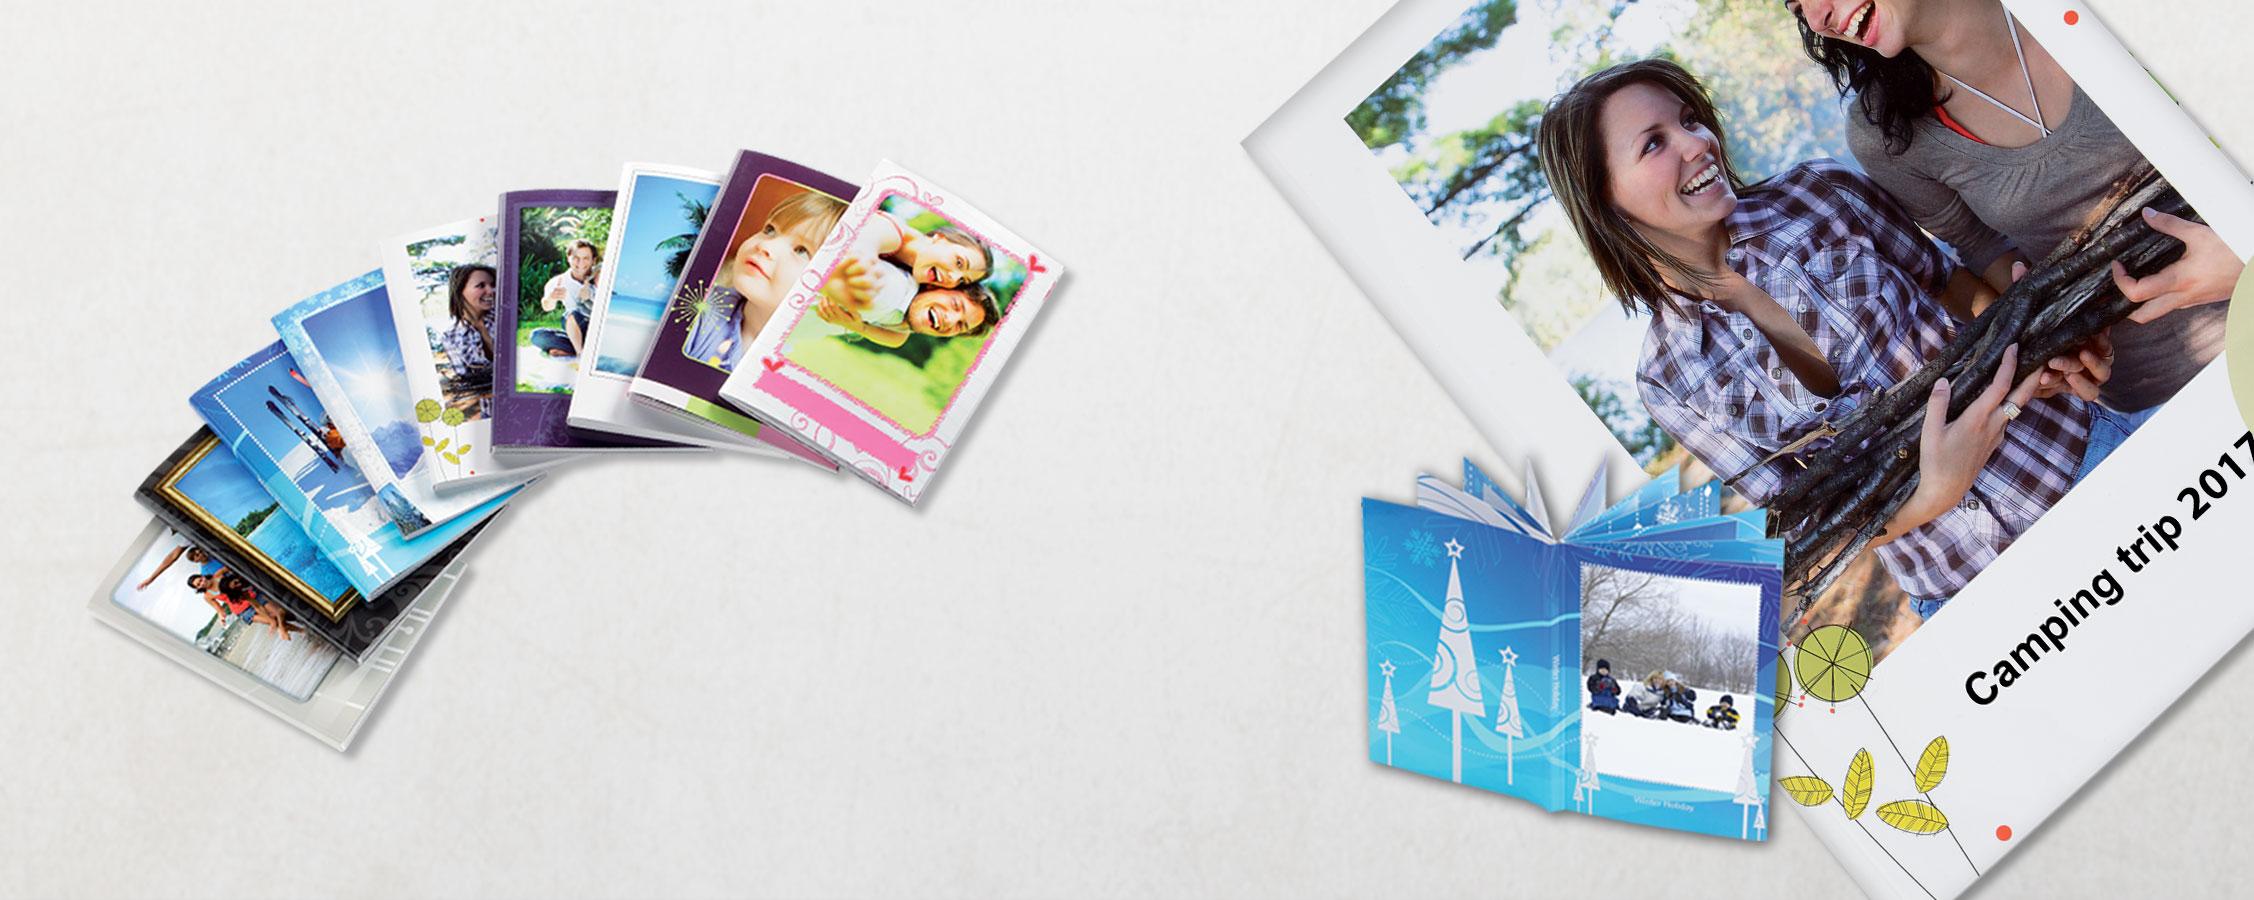 album photo